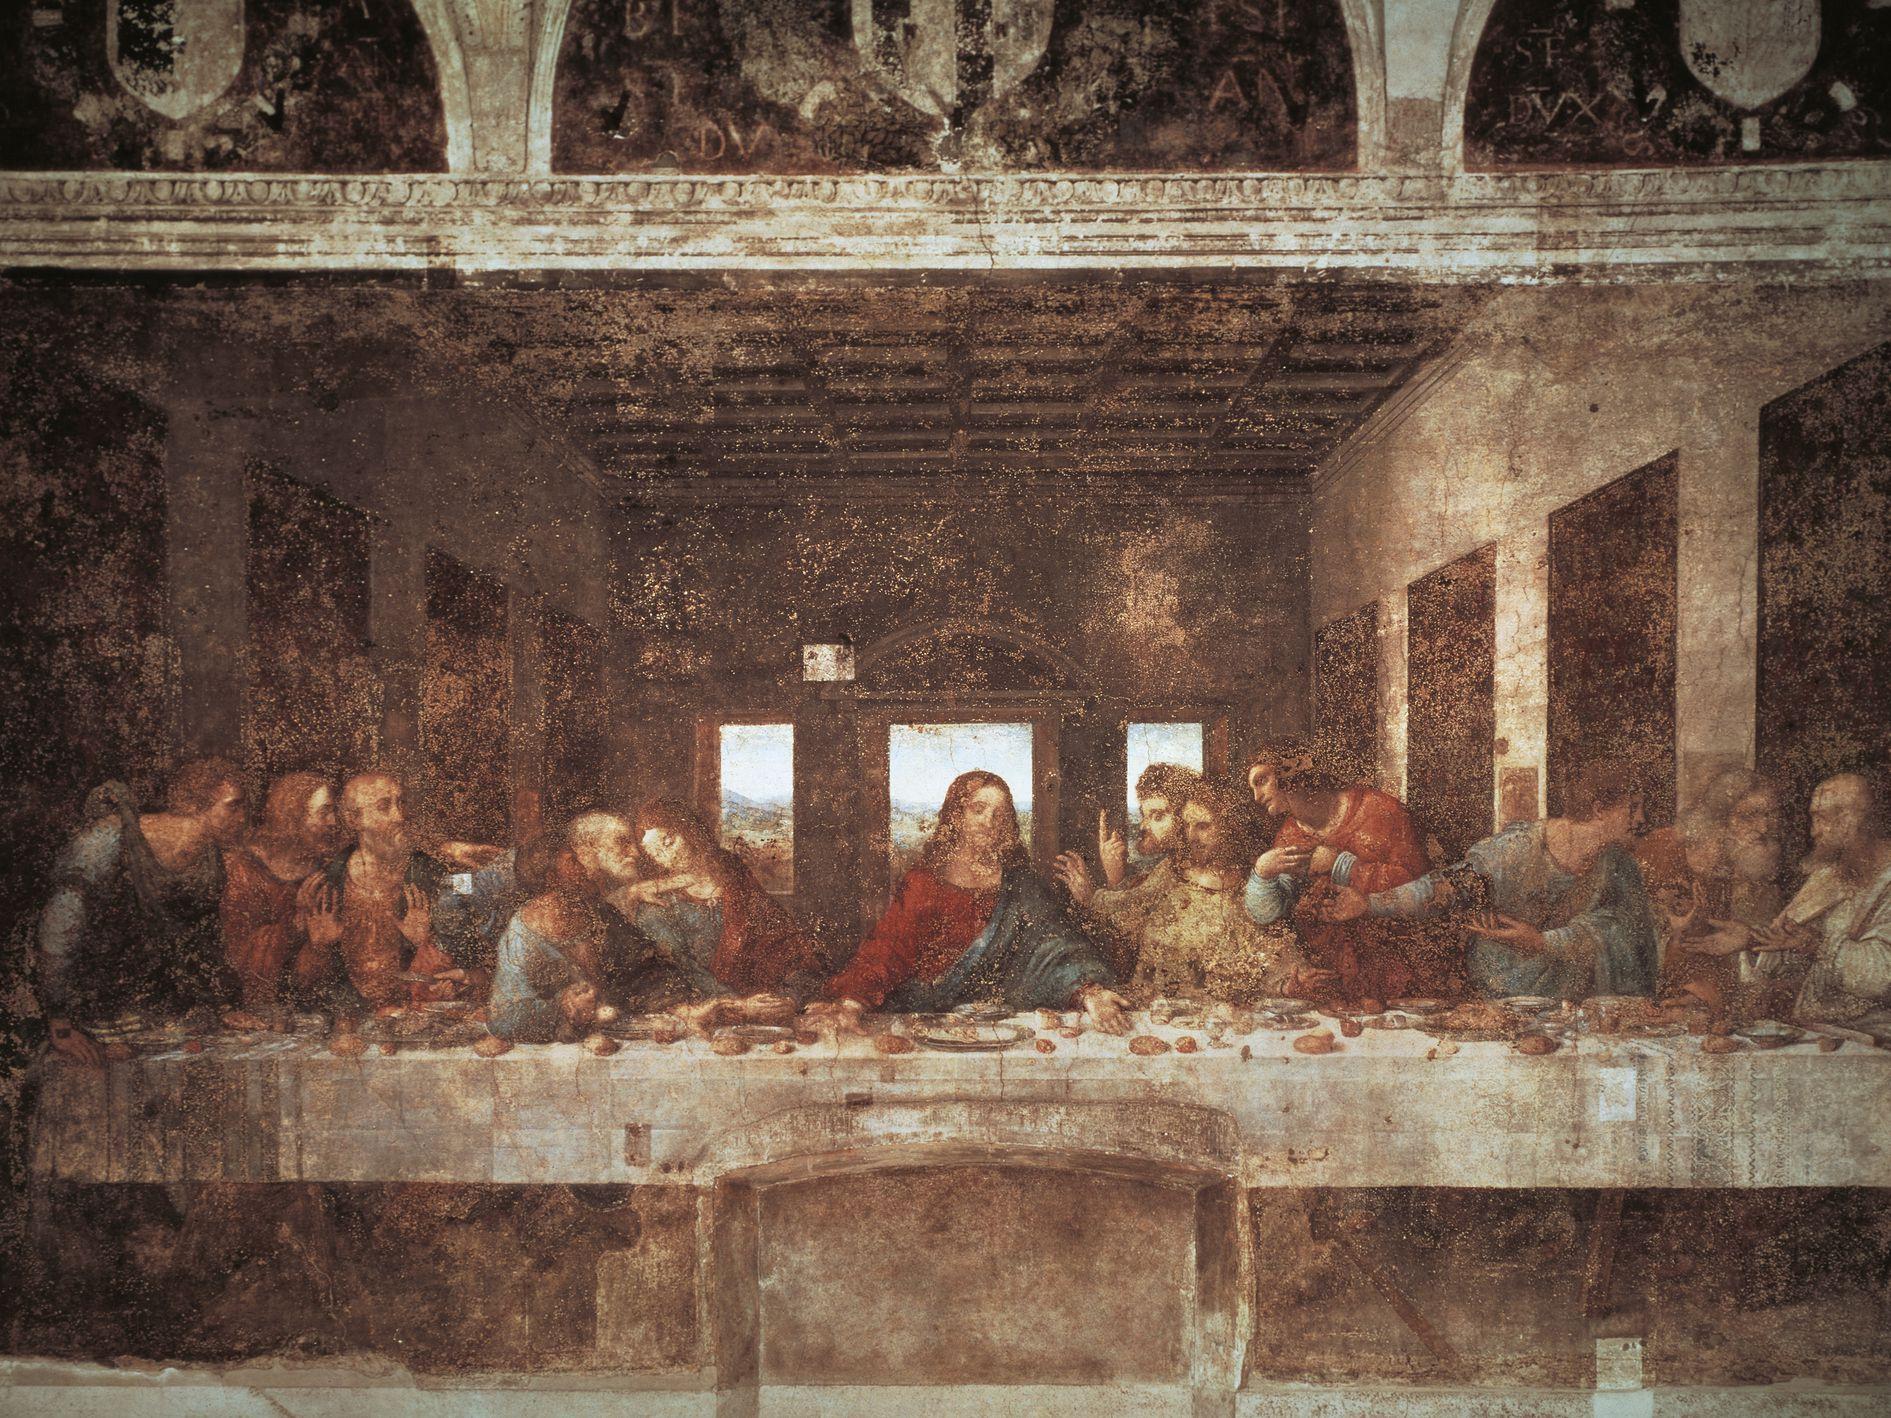 Leonardo Da Vinci The Last Supper Coloring Page The Disembodied Hand In Da Vincis The Last Supper